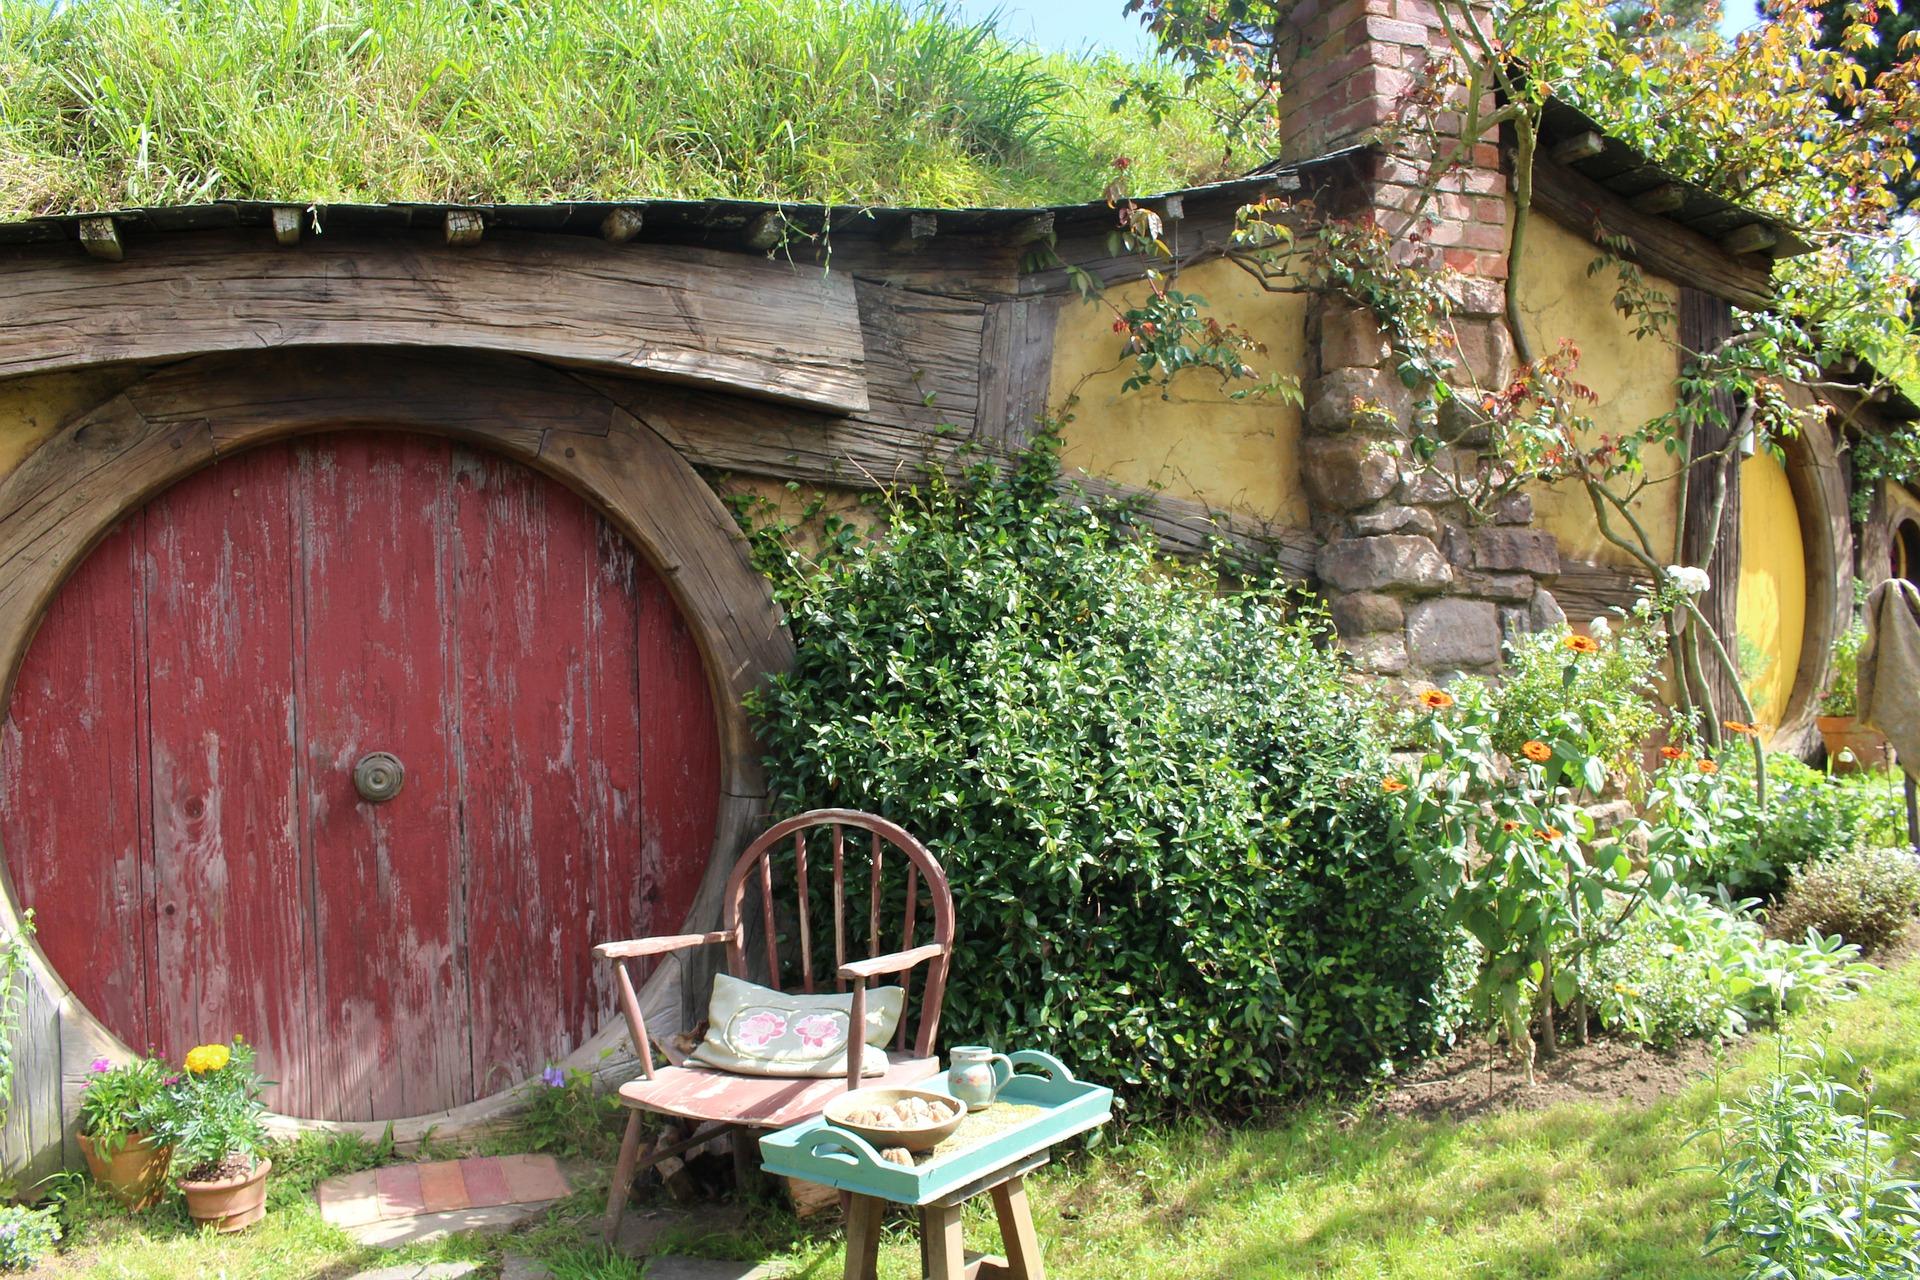 hobbiton-1586978_1920.jpg